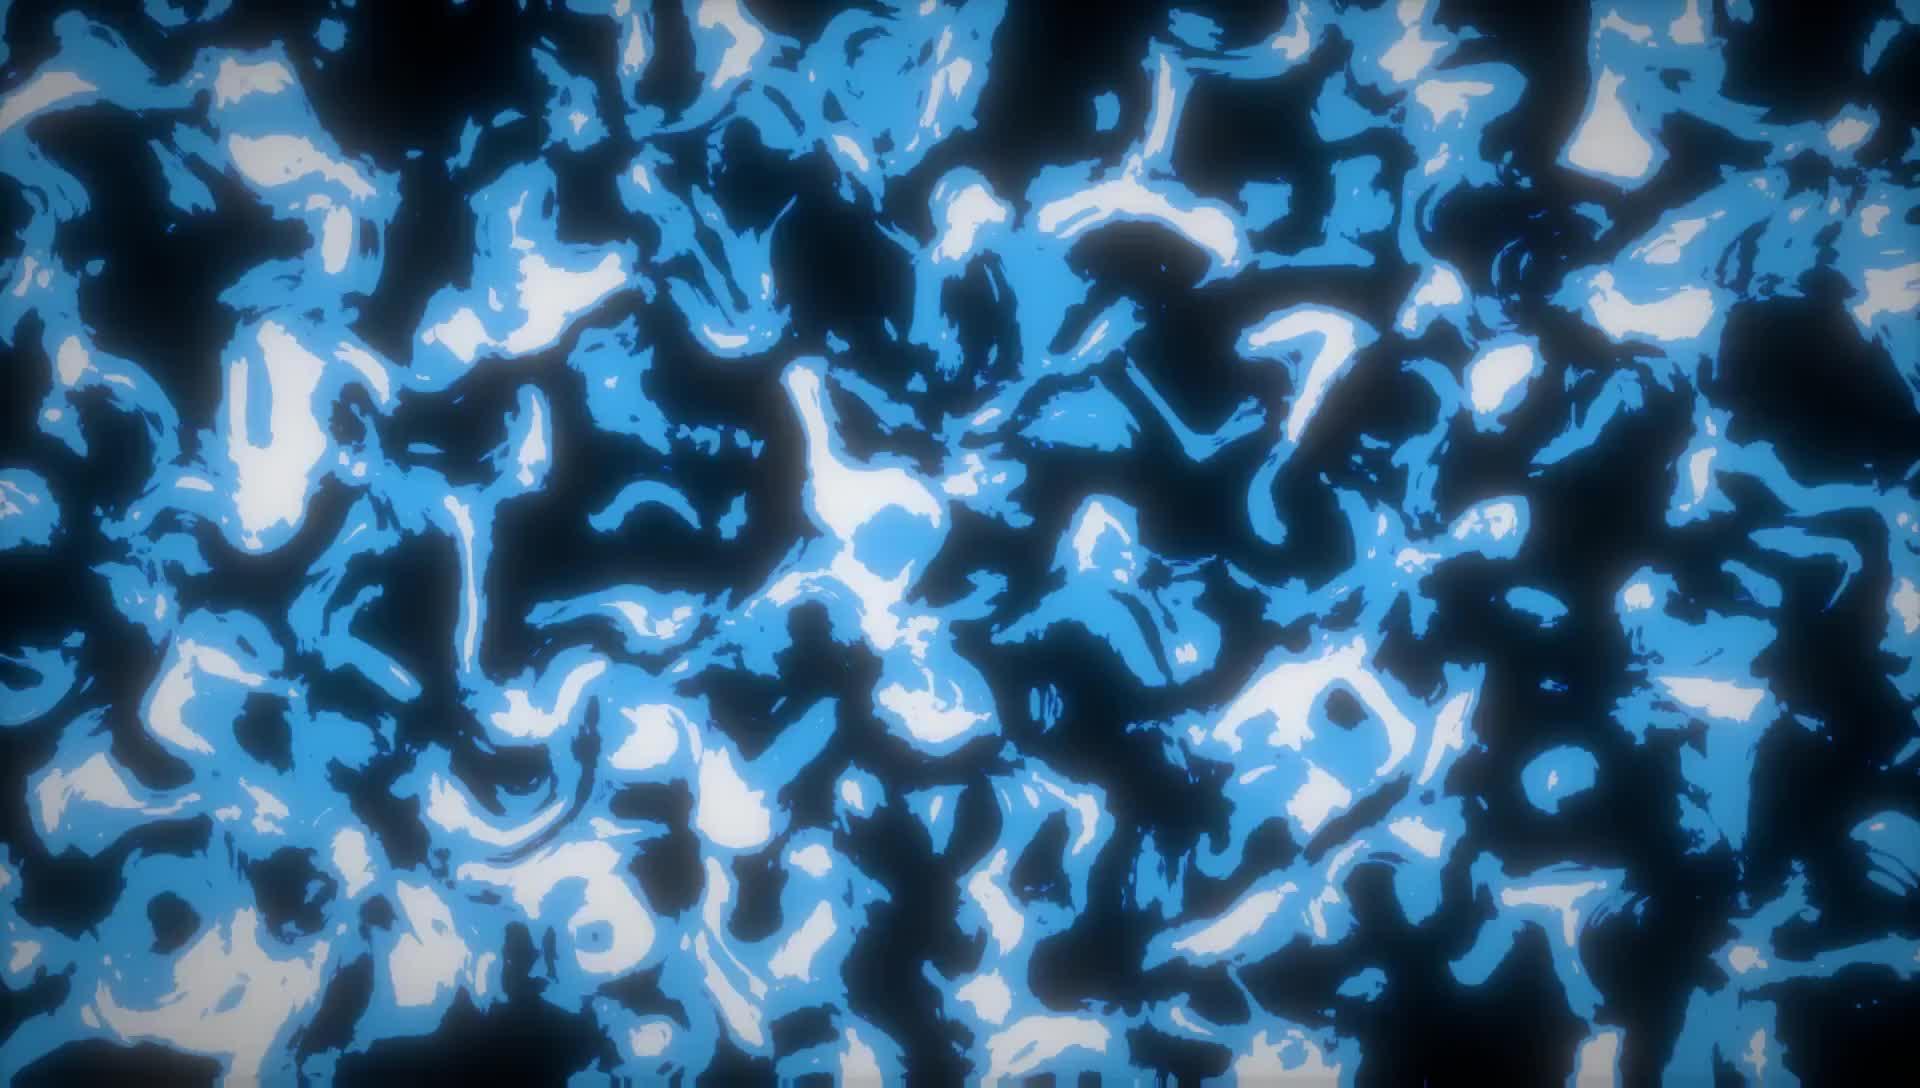 Синие белые помехи - абстракция на рабочий стол